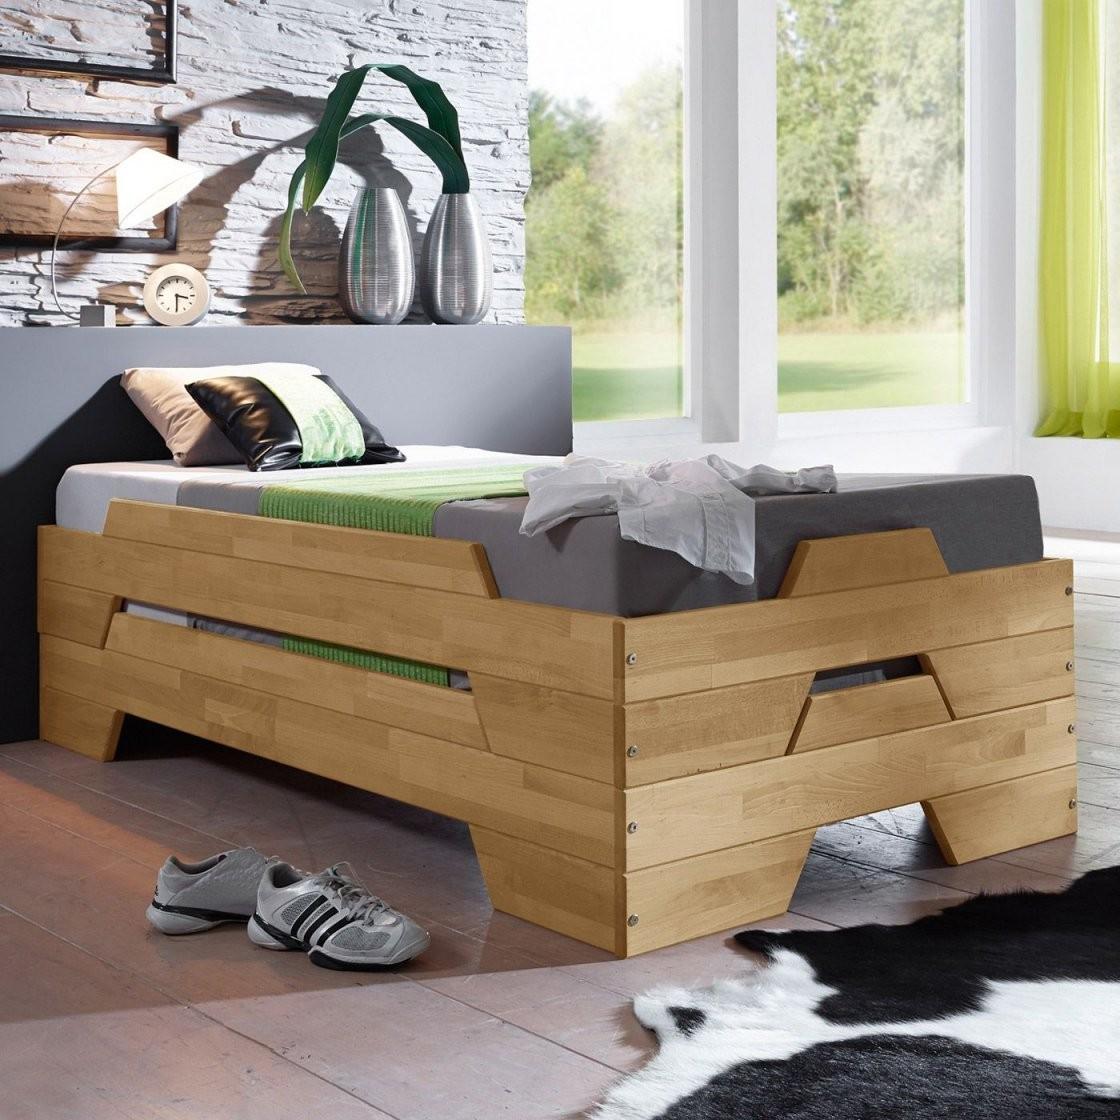 Gästebetten Zum Zusammenklappen Und Stapeln Bettende Platzsparendes von Platzsparendes Bett Selber Bauen Bild